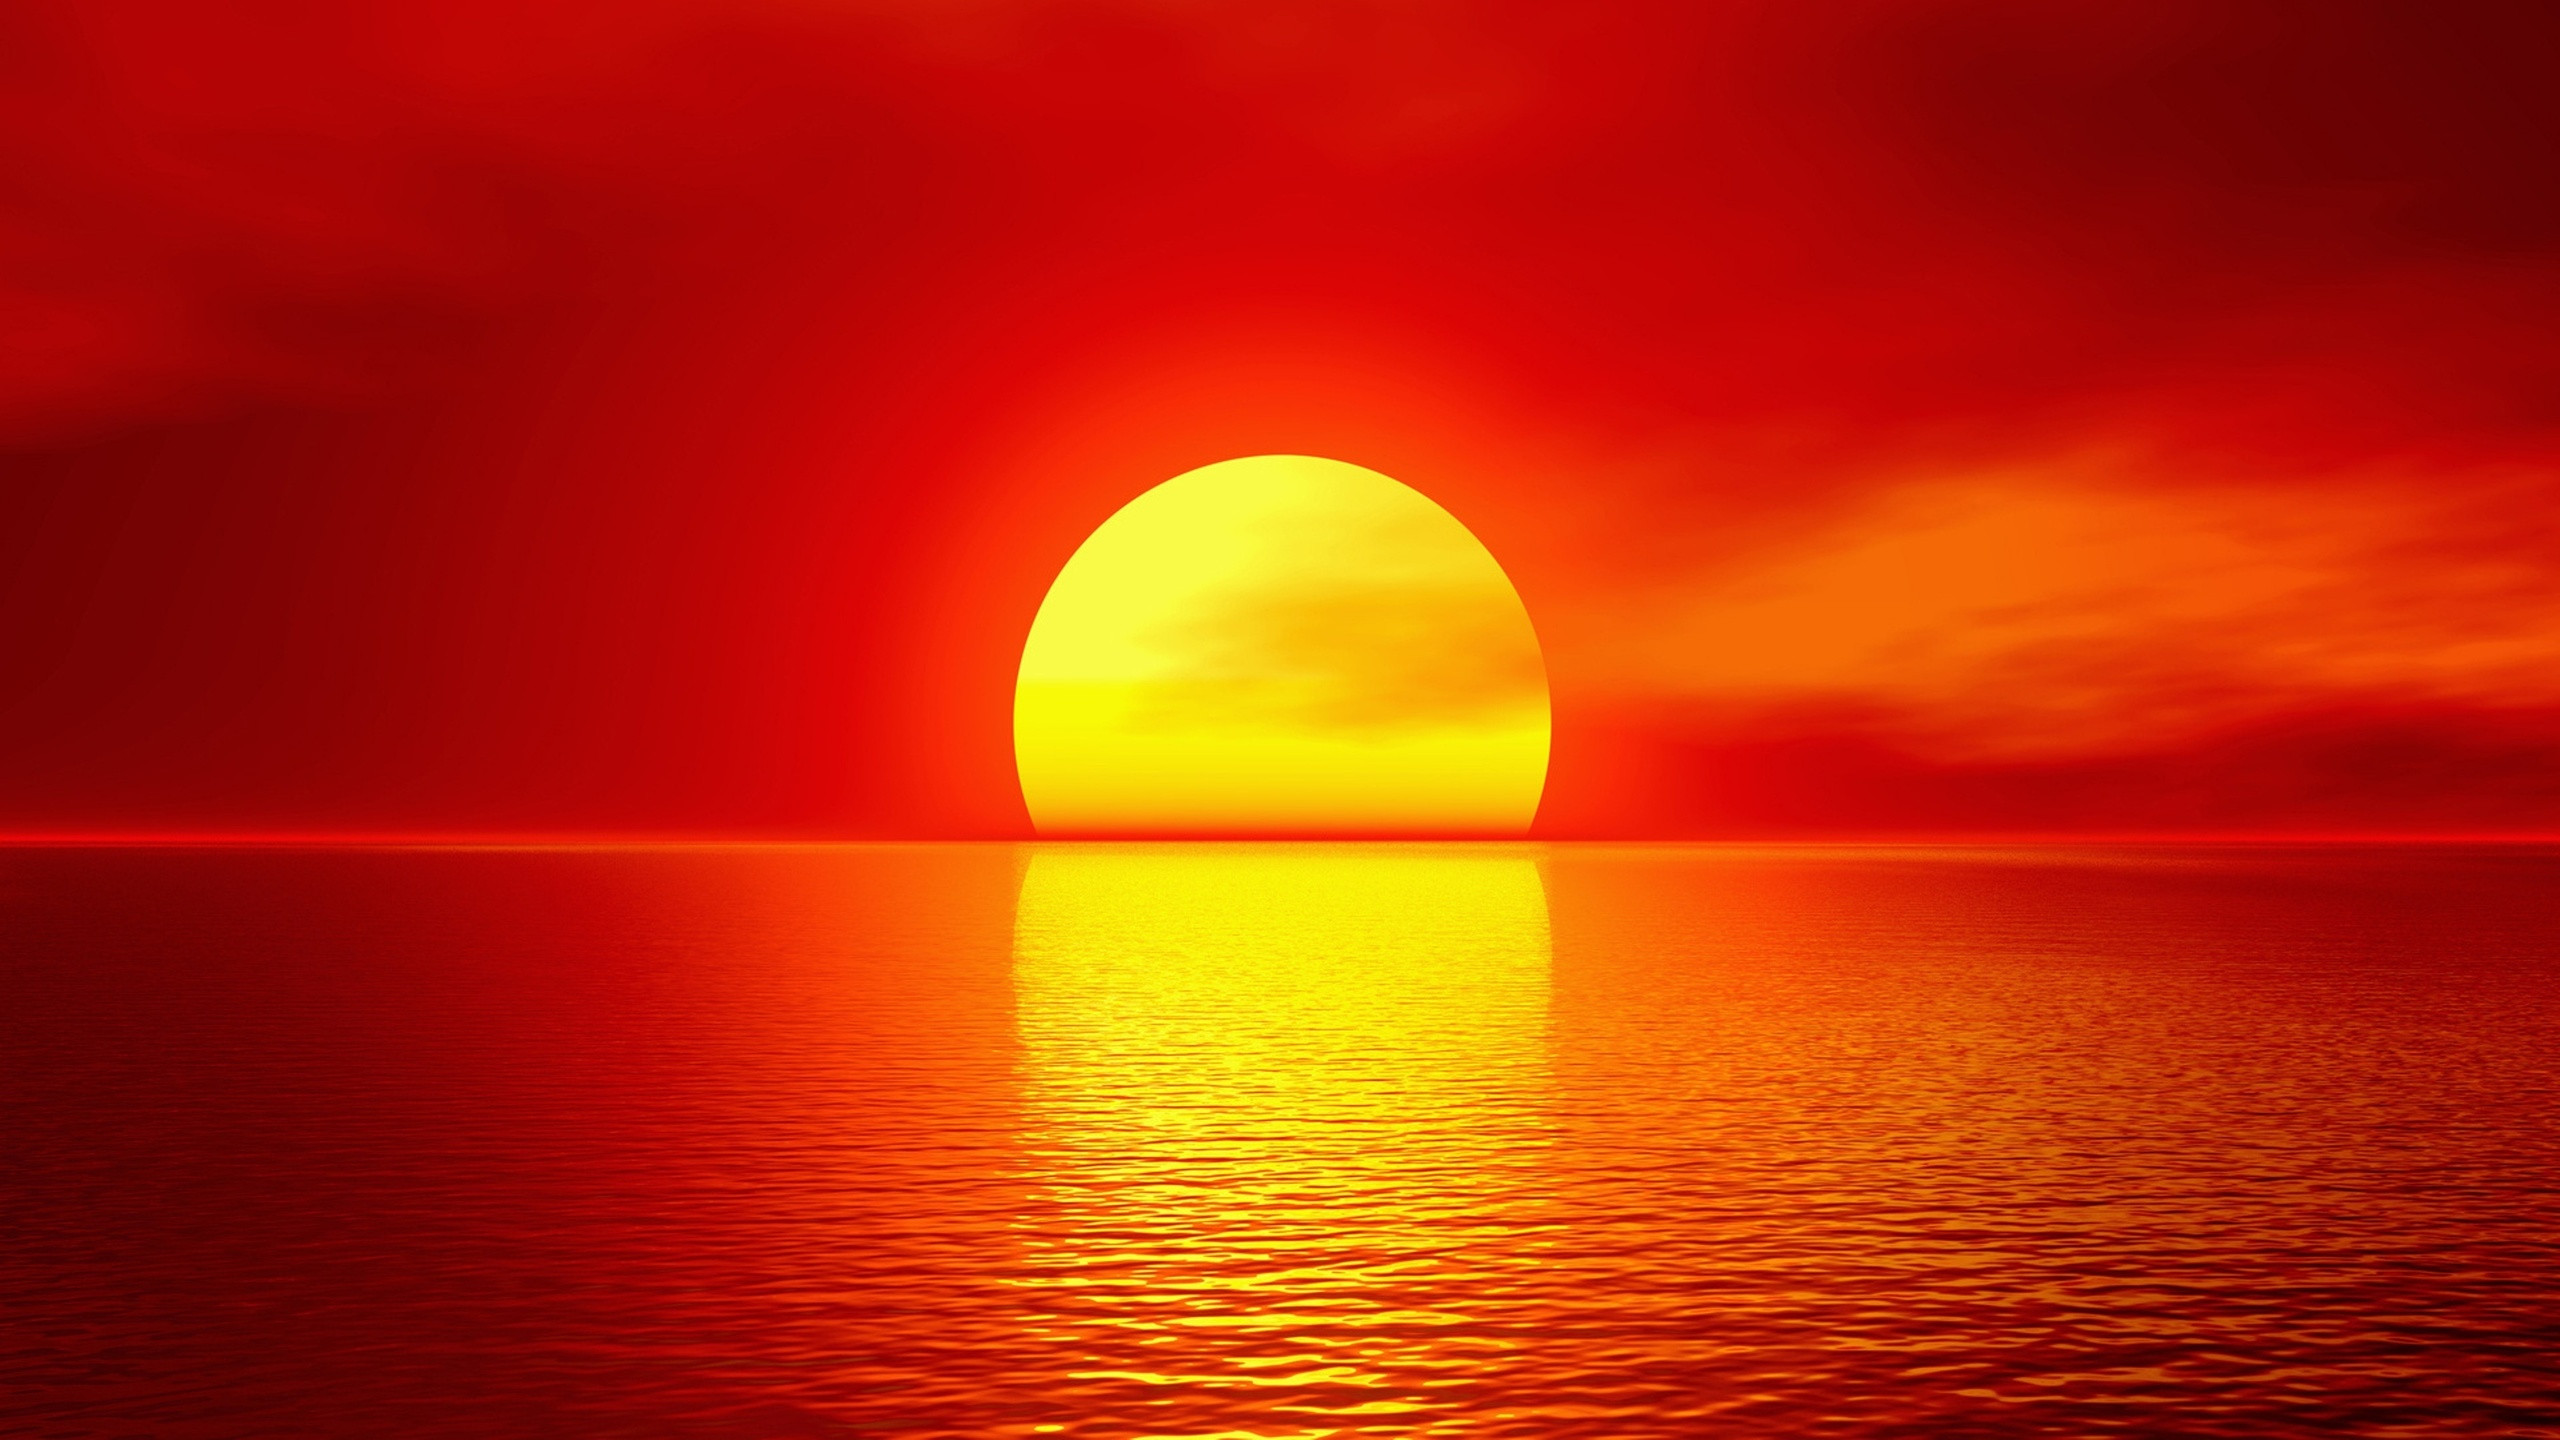 кашицу солнышко картинки обои стихах днем